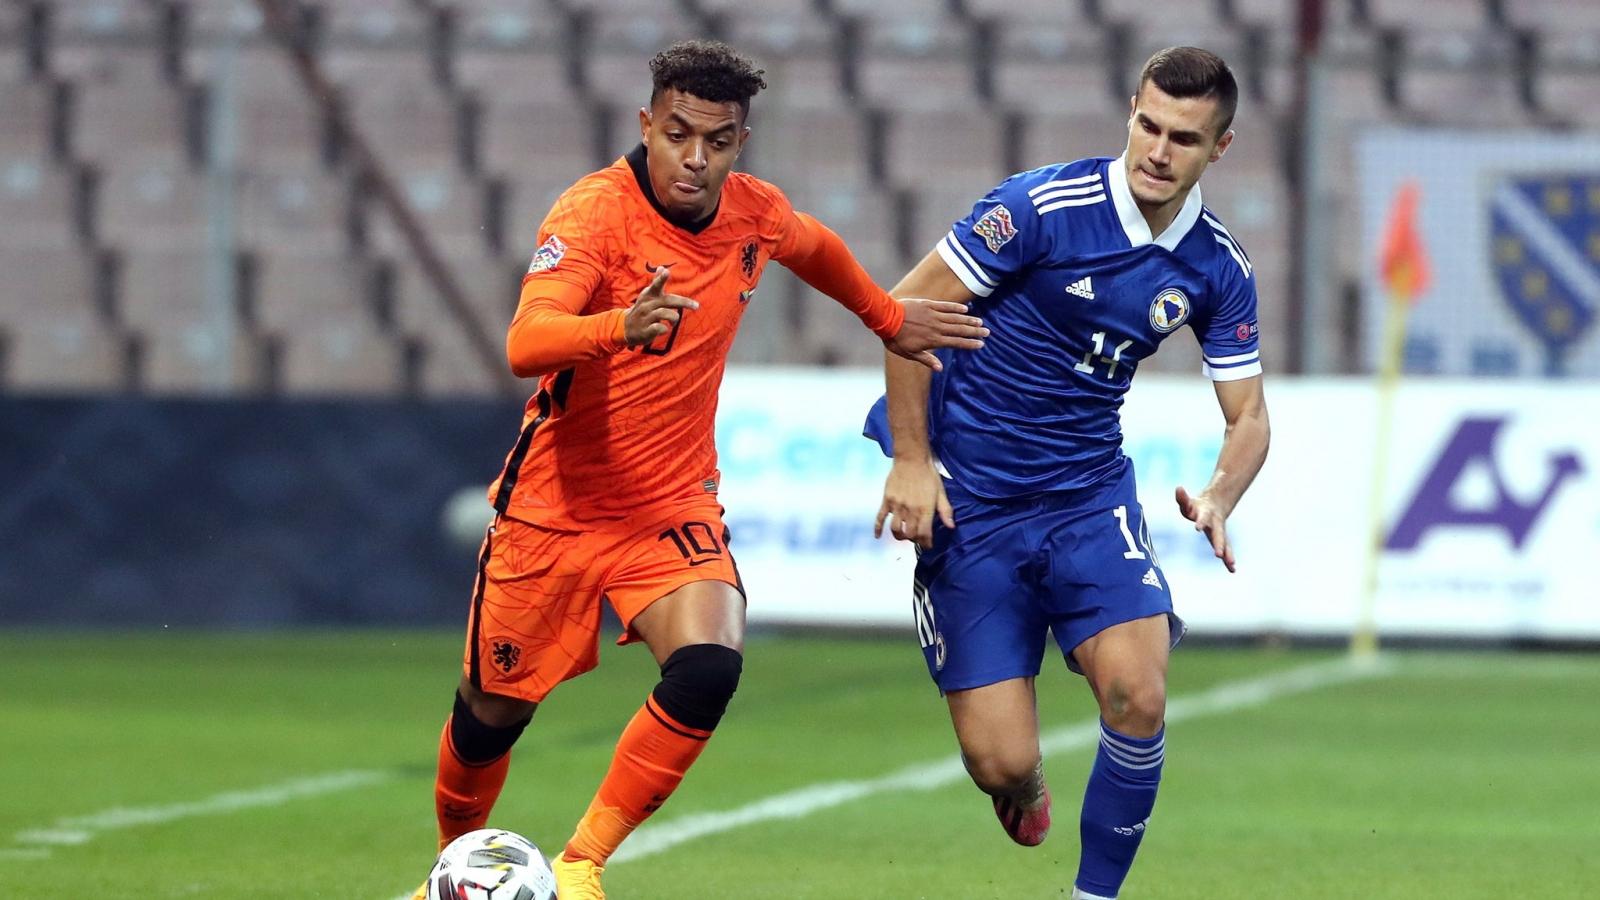 Thi đấu nhạt nhòa, Hà Lan hòa thất vọng Bosnia ở UEFA Nations League